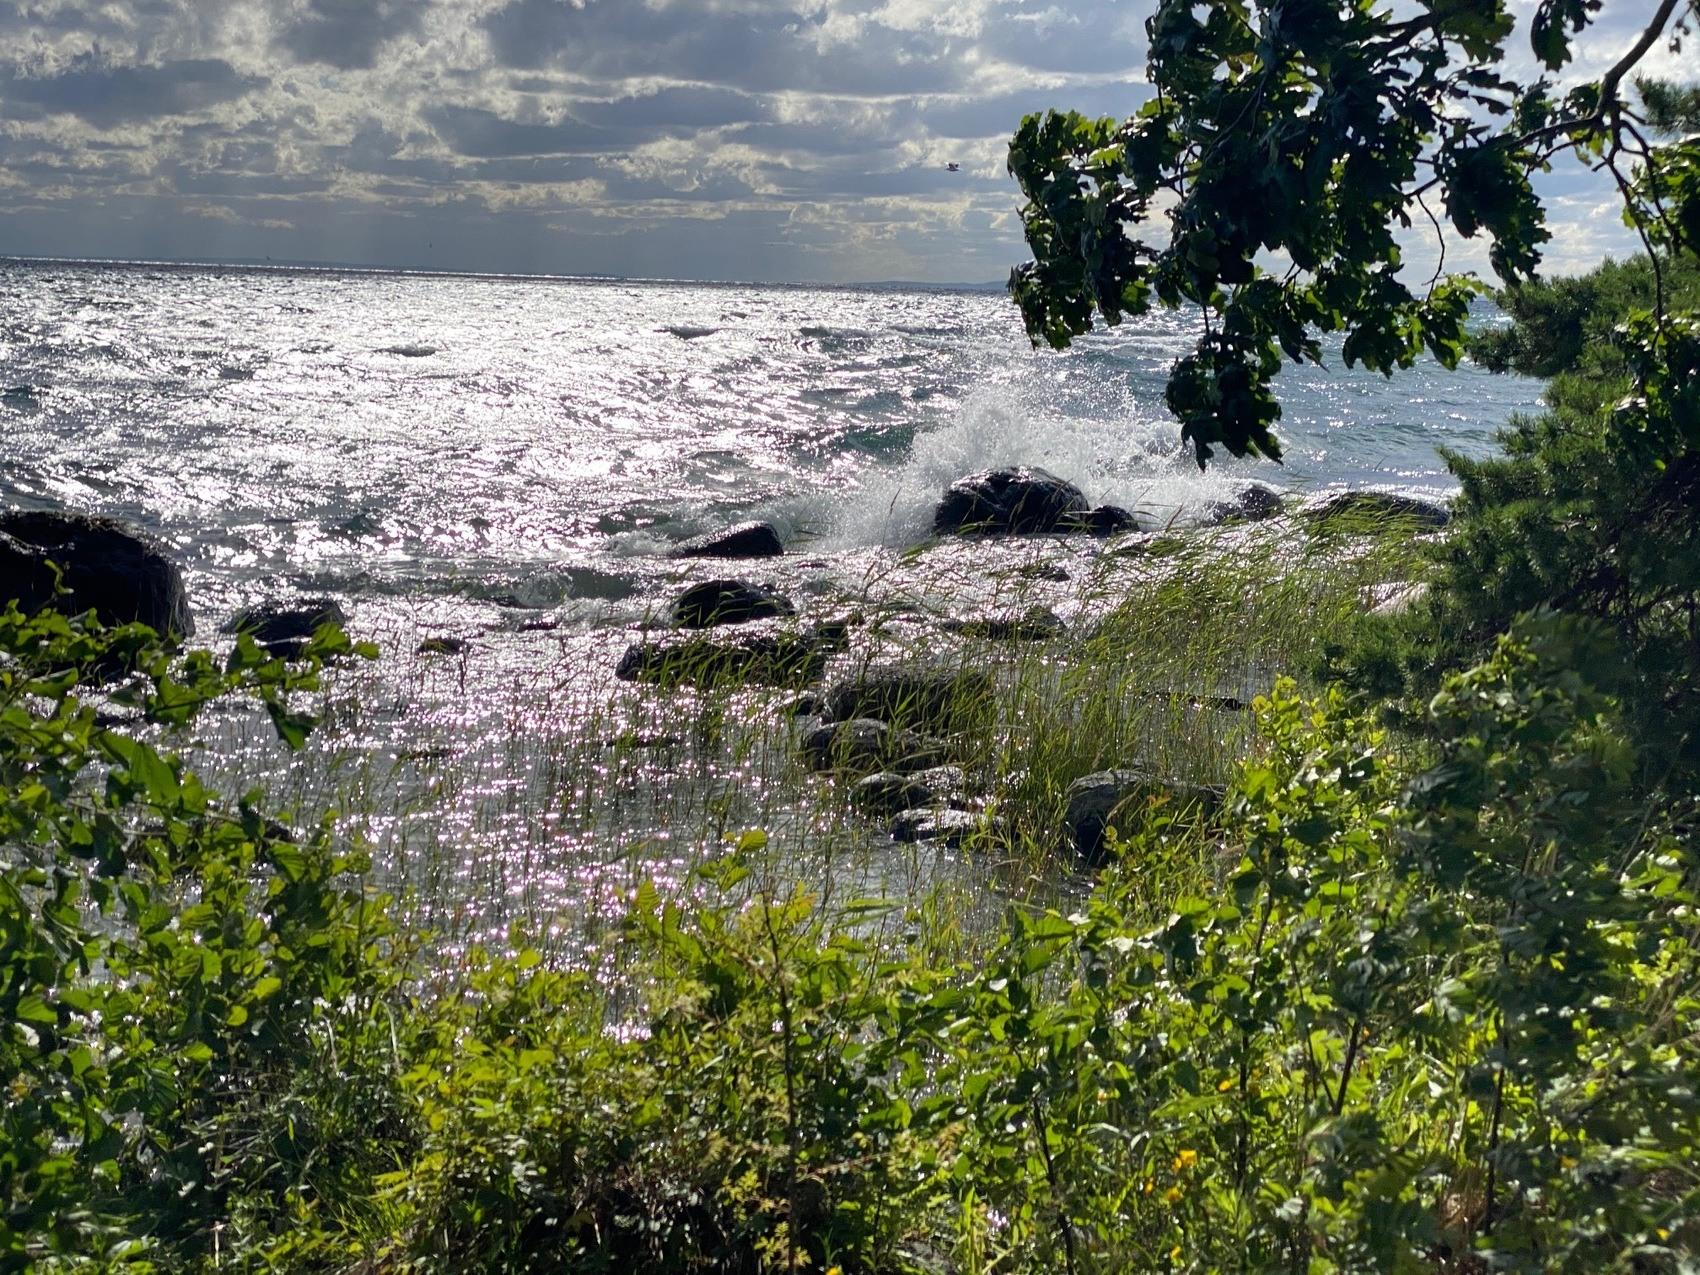 Foto från strandkant. Stora vågor går på vattnet.